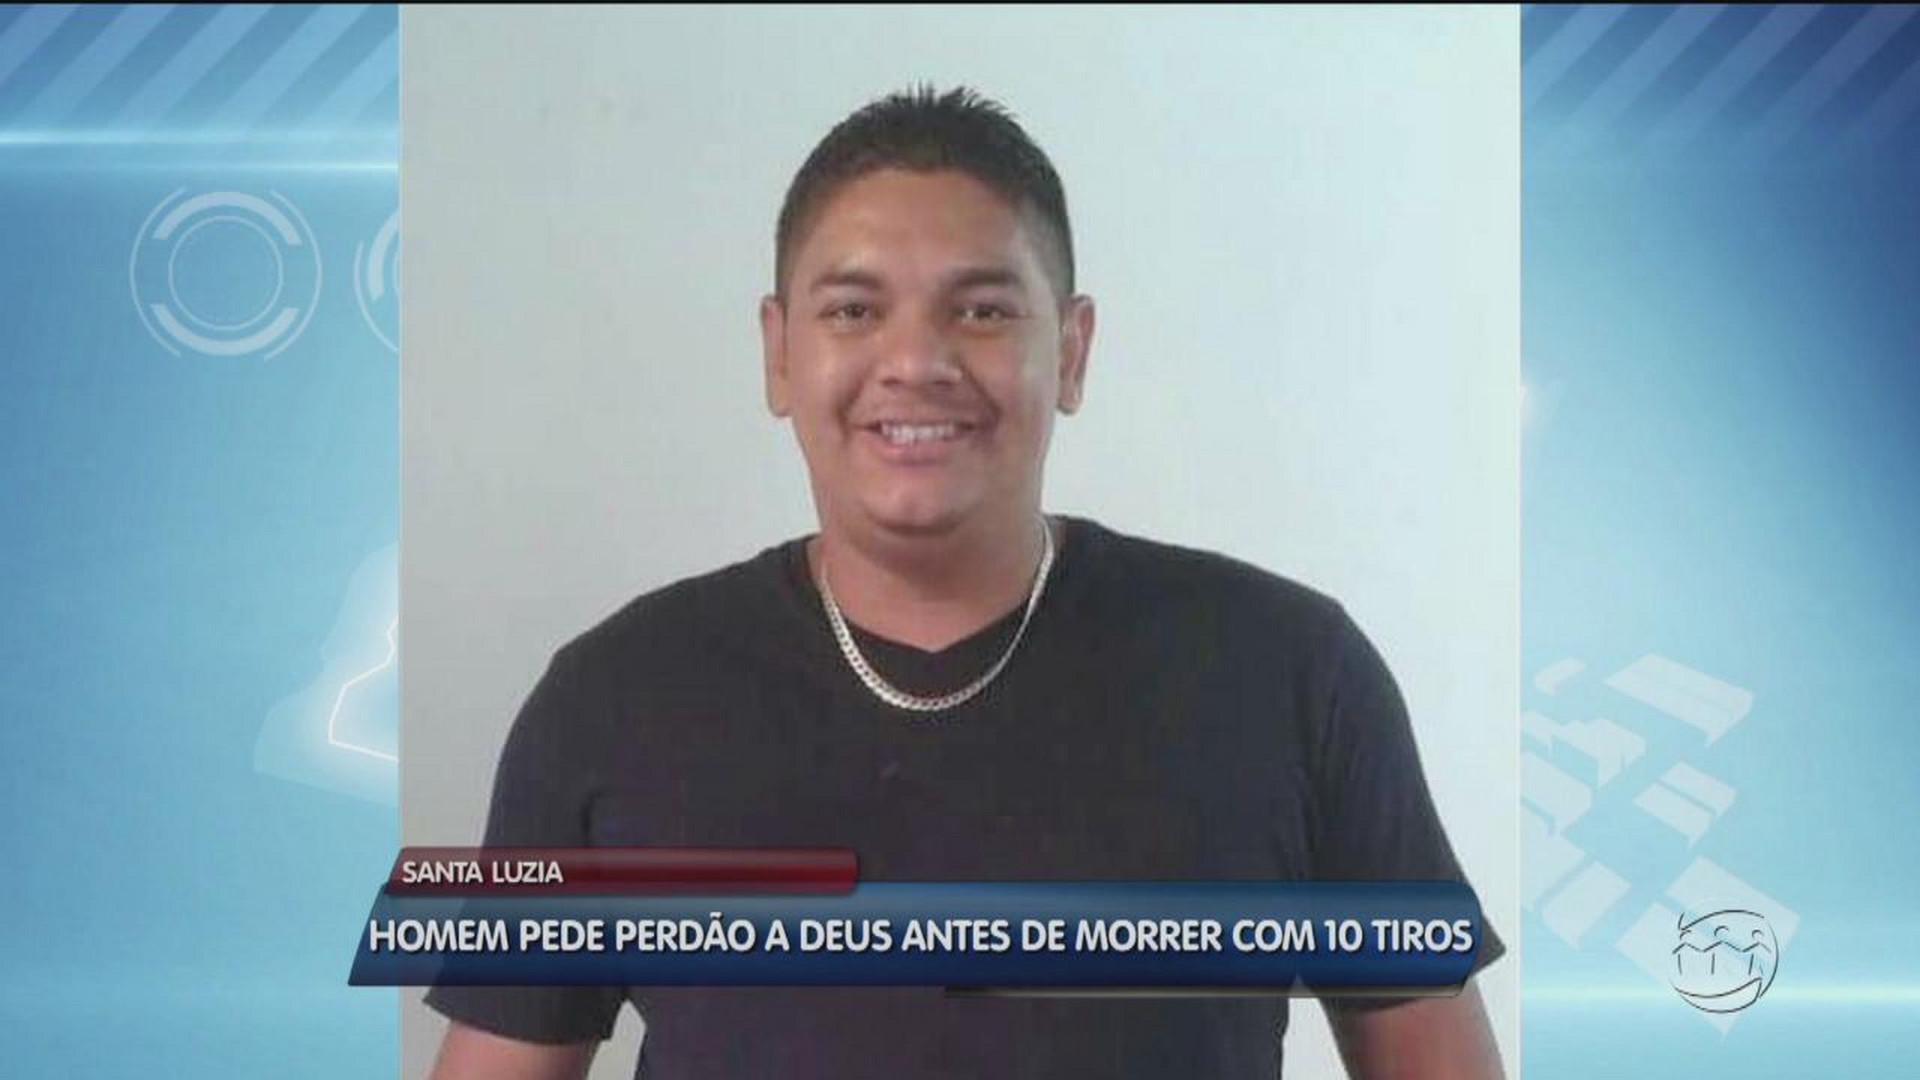 HOMEM PEDE PERDÃO A DEUS ANTES DE MORRER COM 10 TIROS - ALÔ AMAZONAS - 04/05/17